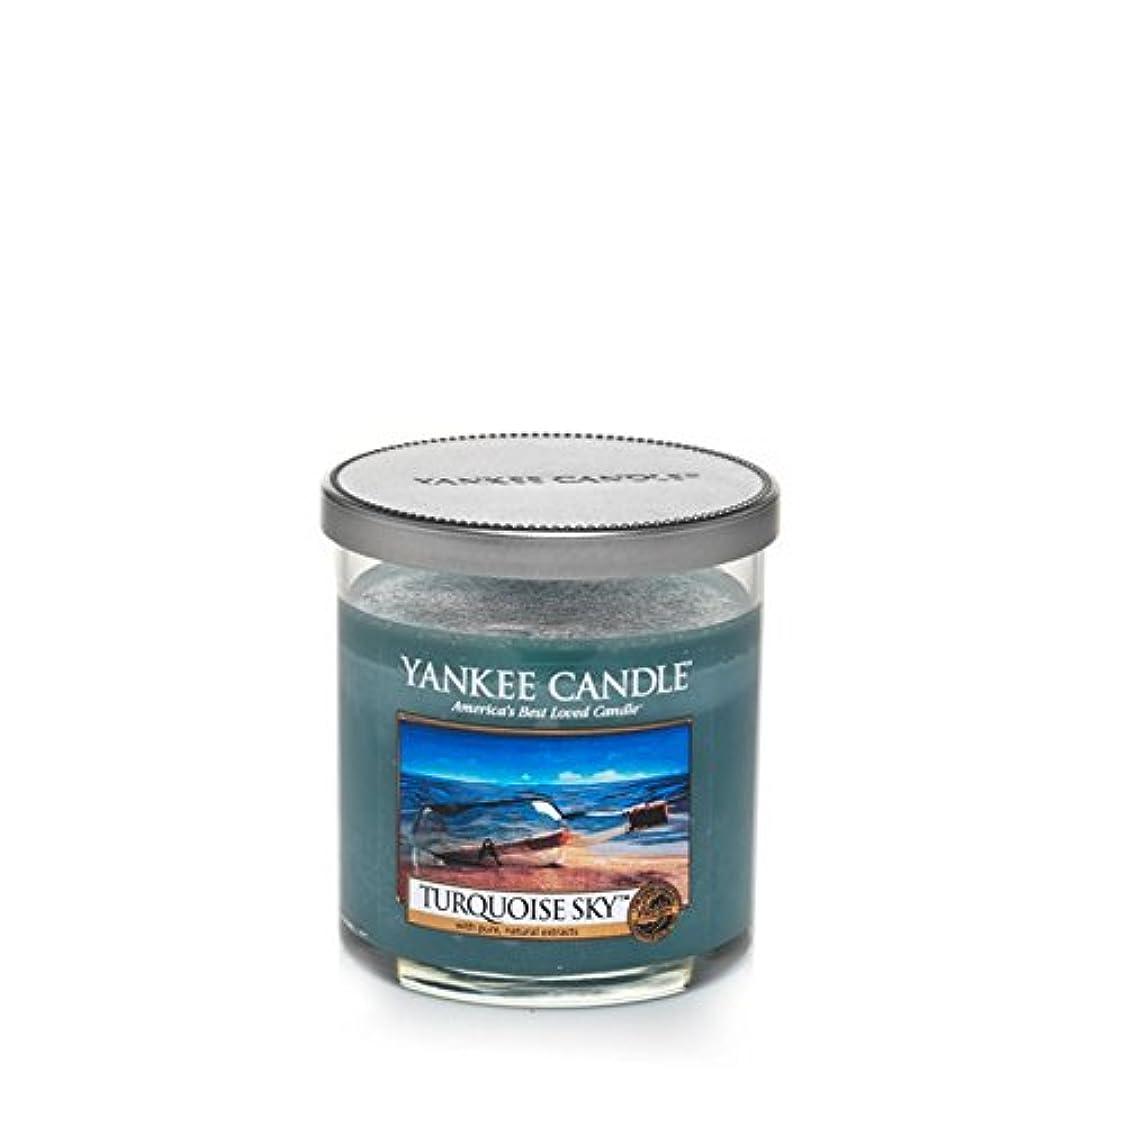 アクロバット砦離すヤンキーキャンドルの小さな柱キャンドル - ターコイズの空 - Yankee Candles Small Pillar Candle - Turquoise Sky (Yankee Candles) [並行輸入品]